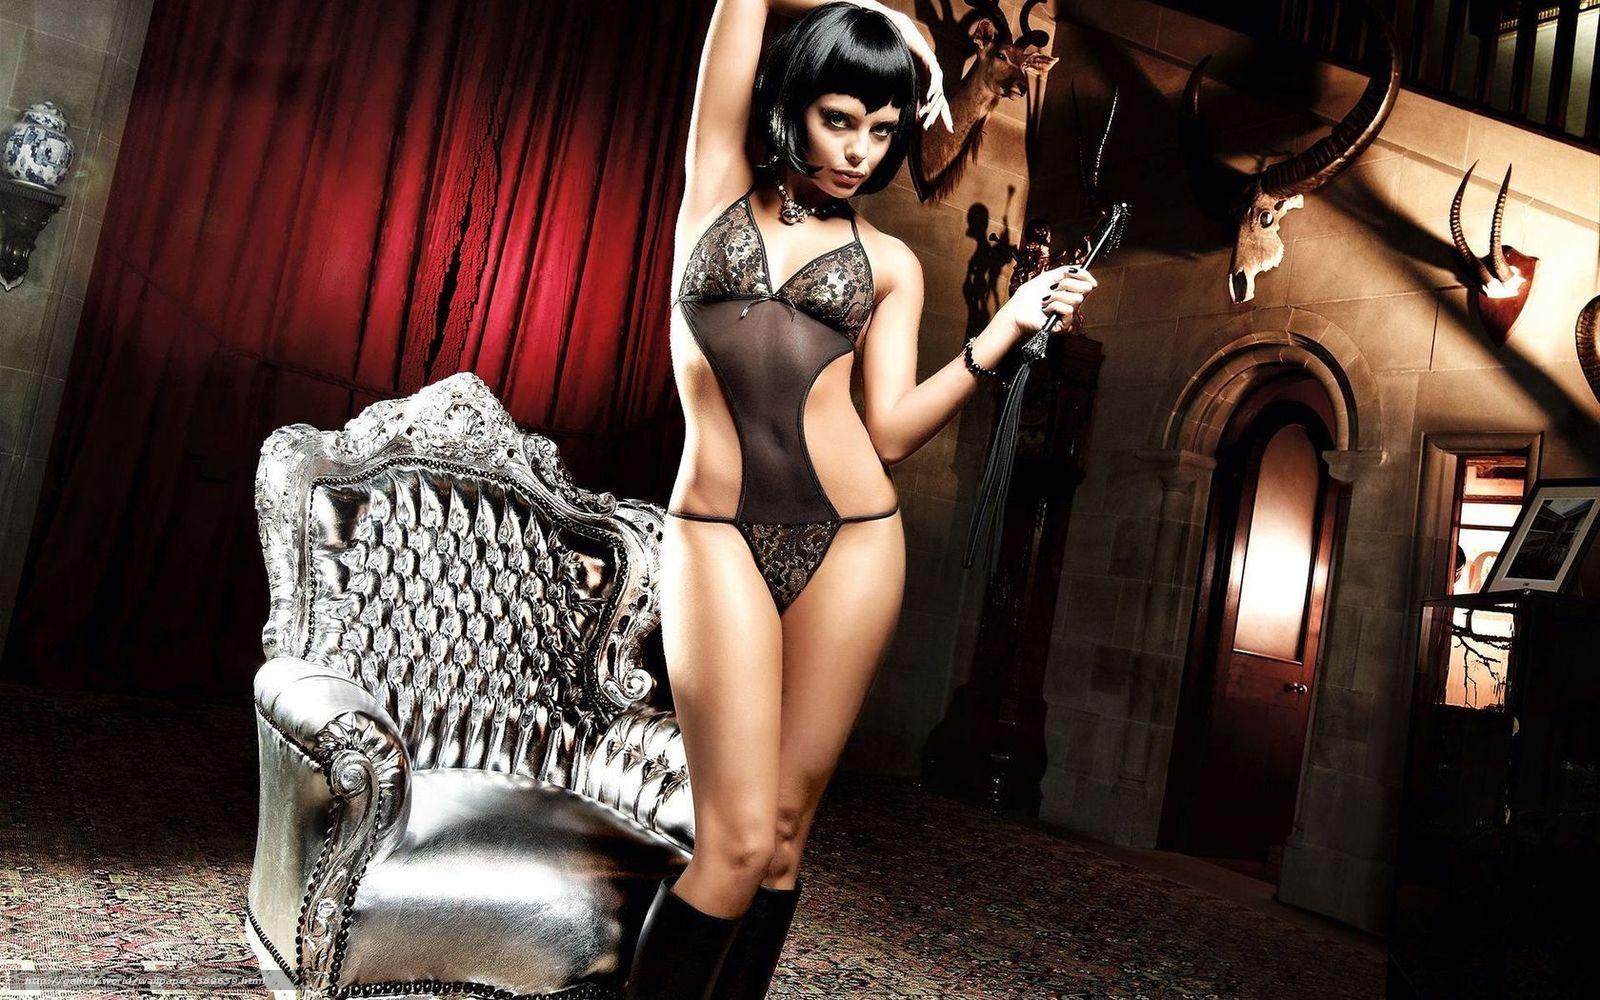 Проститутка брюнетка в коже 22 фотография